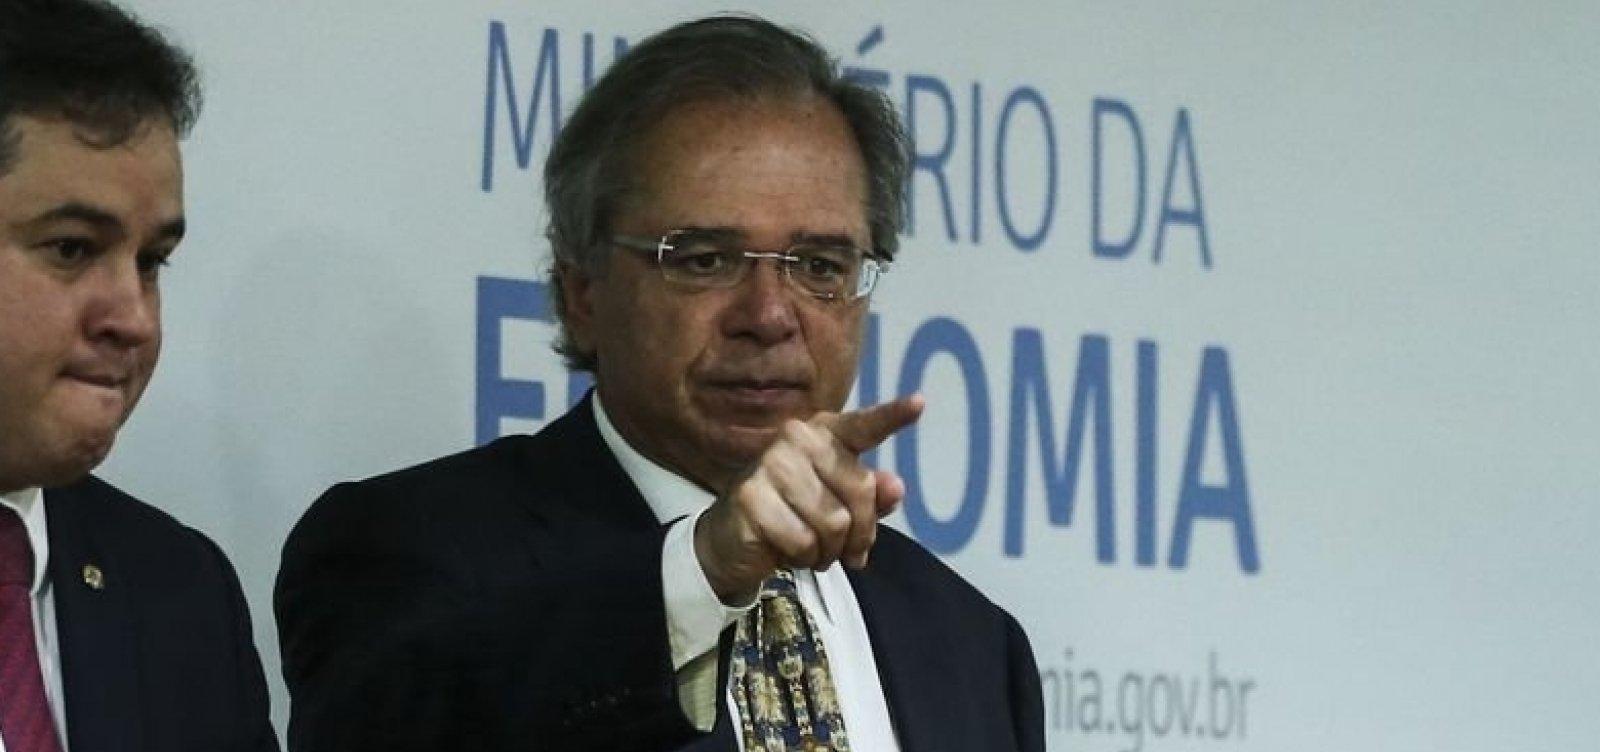 'Queremos fazer a transformação do Estado brasileiro', afirma Guedes